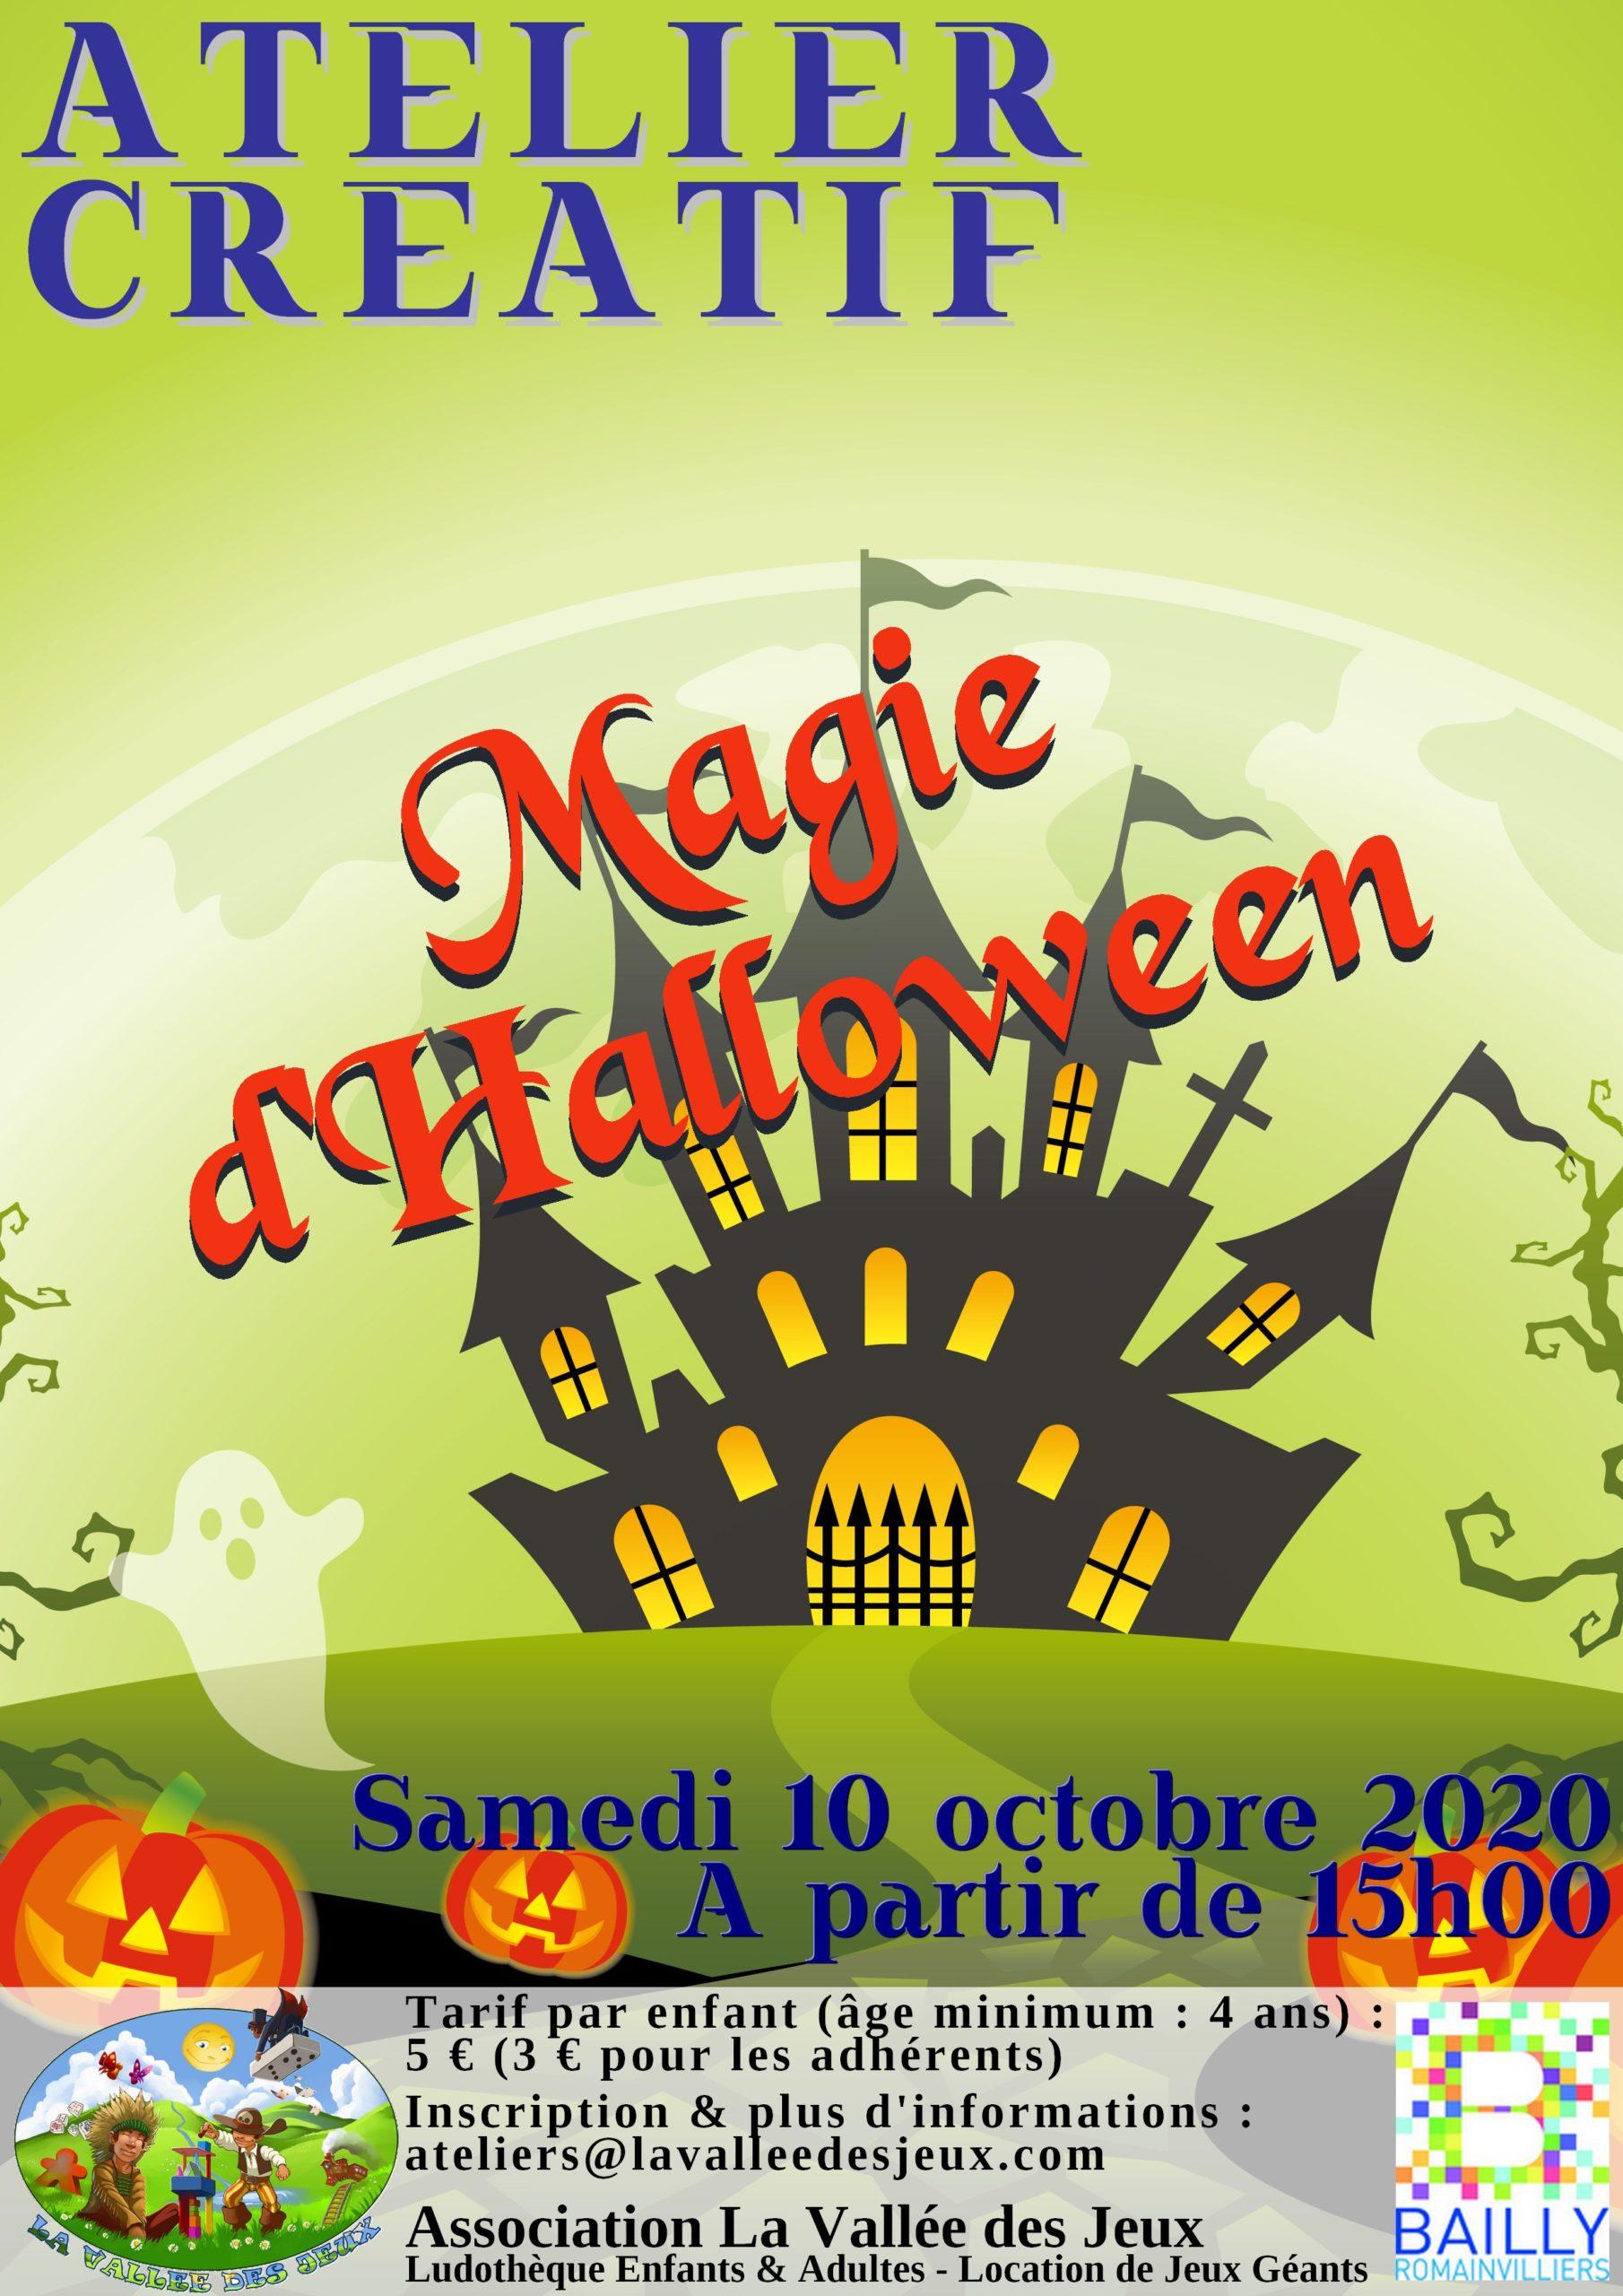 Atelier Créatif - Halloween @ Ludothèque La vallée des jeux